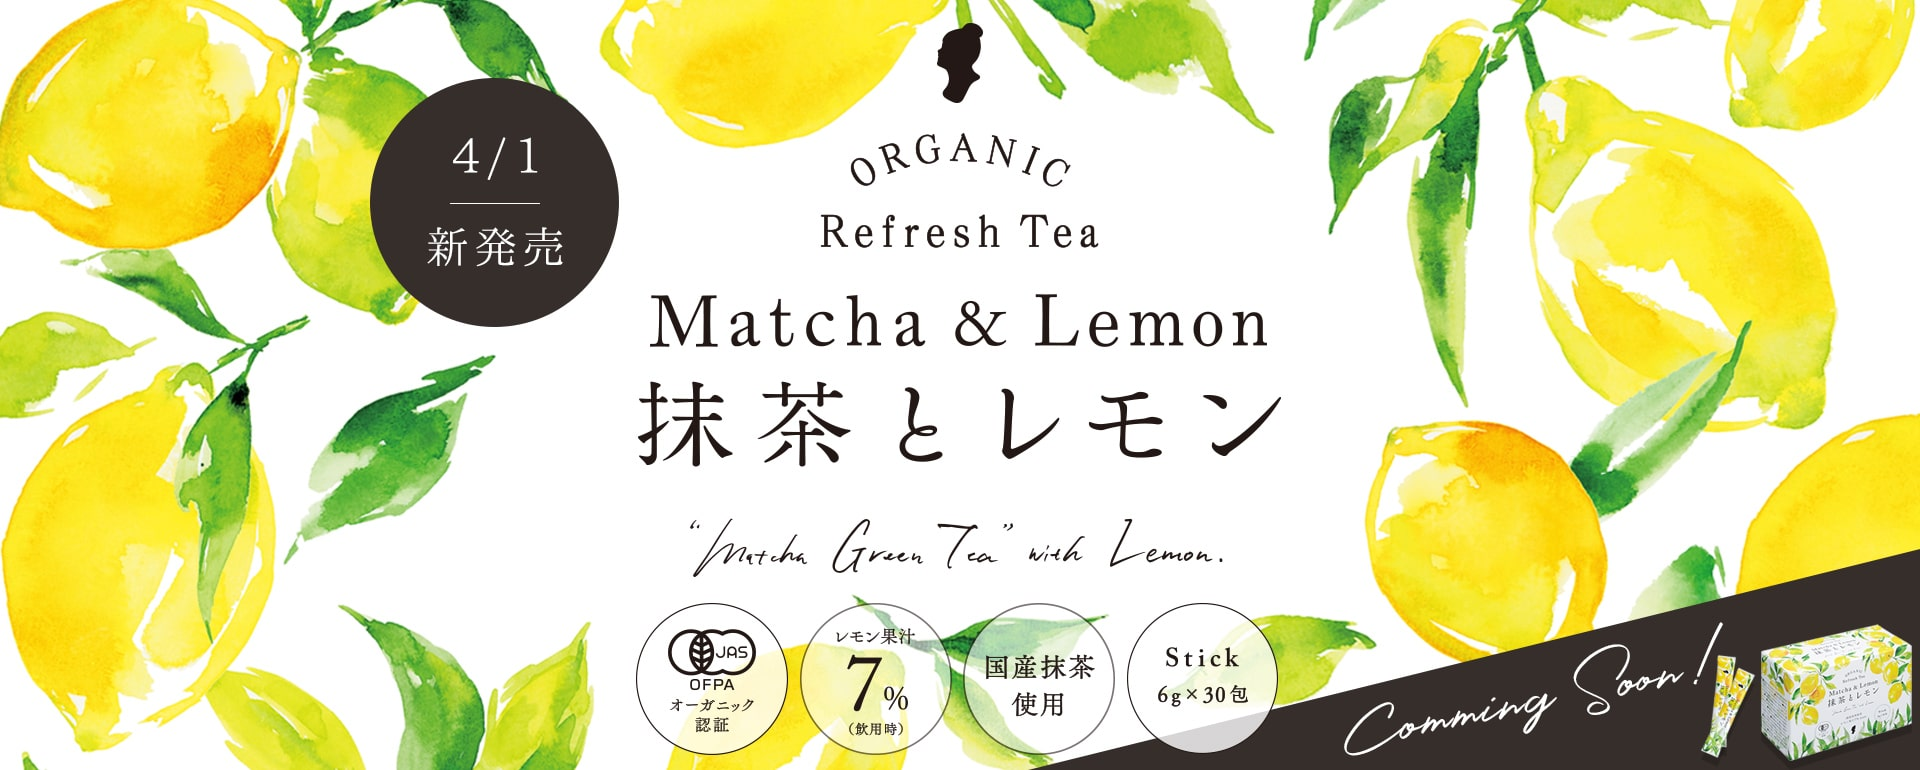 オーガニック抹茶レモン